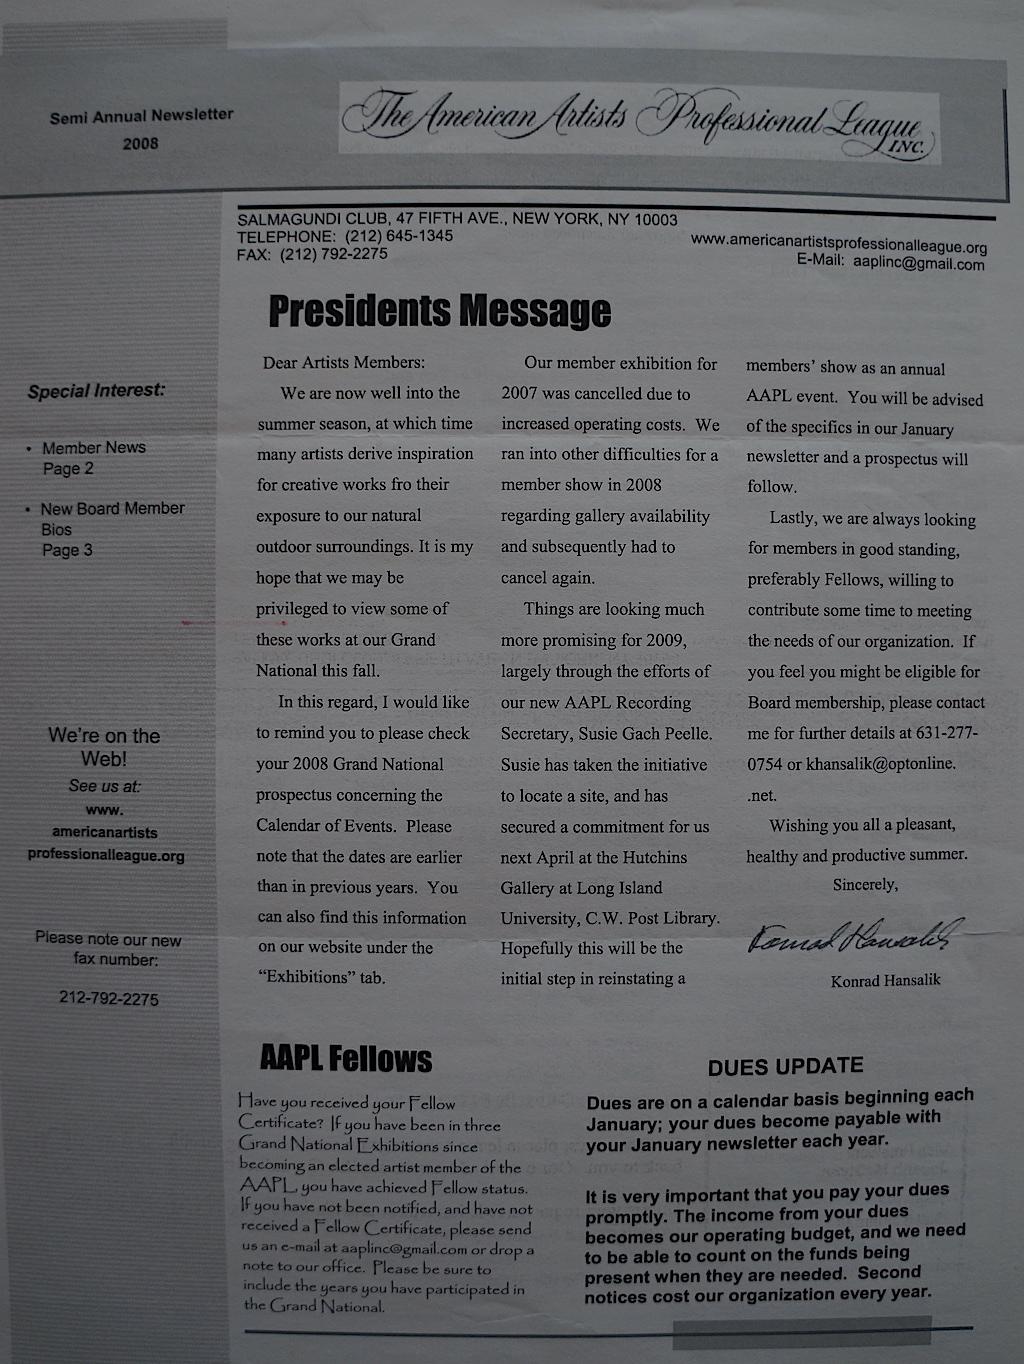 AAPL Newsletter Semi Annual 2008-01